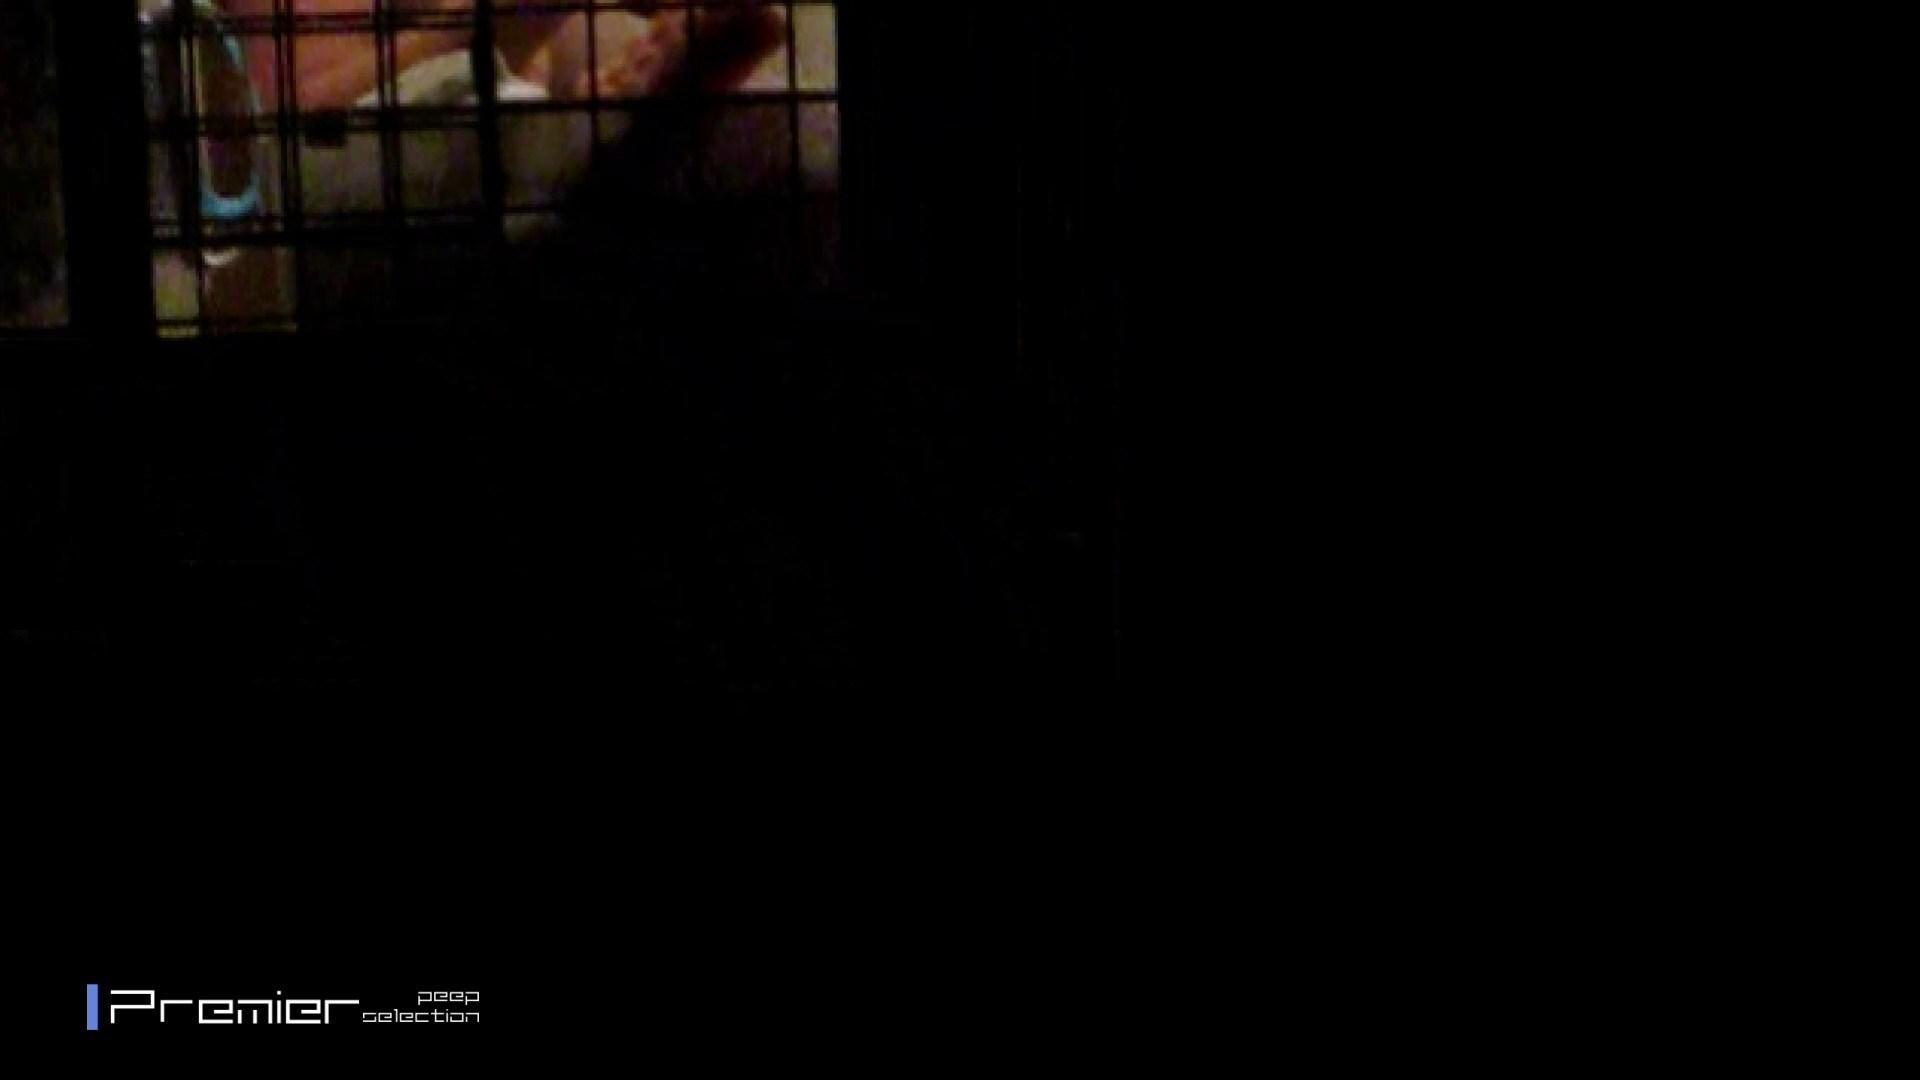 バレた…入浴盗撮 乙女の風呂場 Vol.15 盗撮  96PIX 69